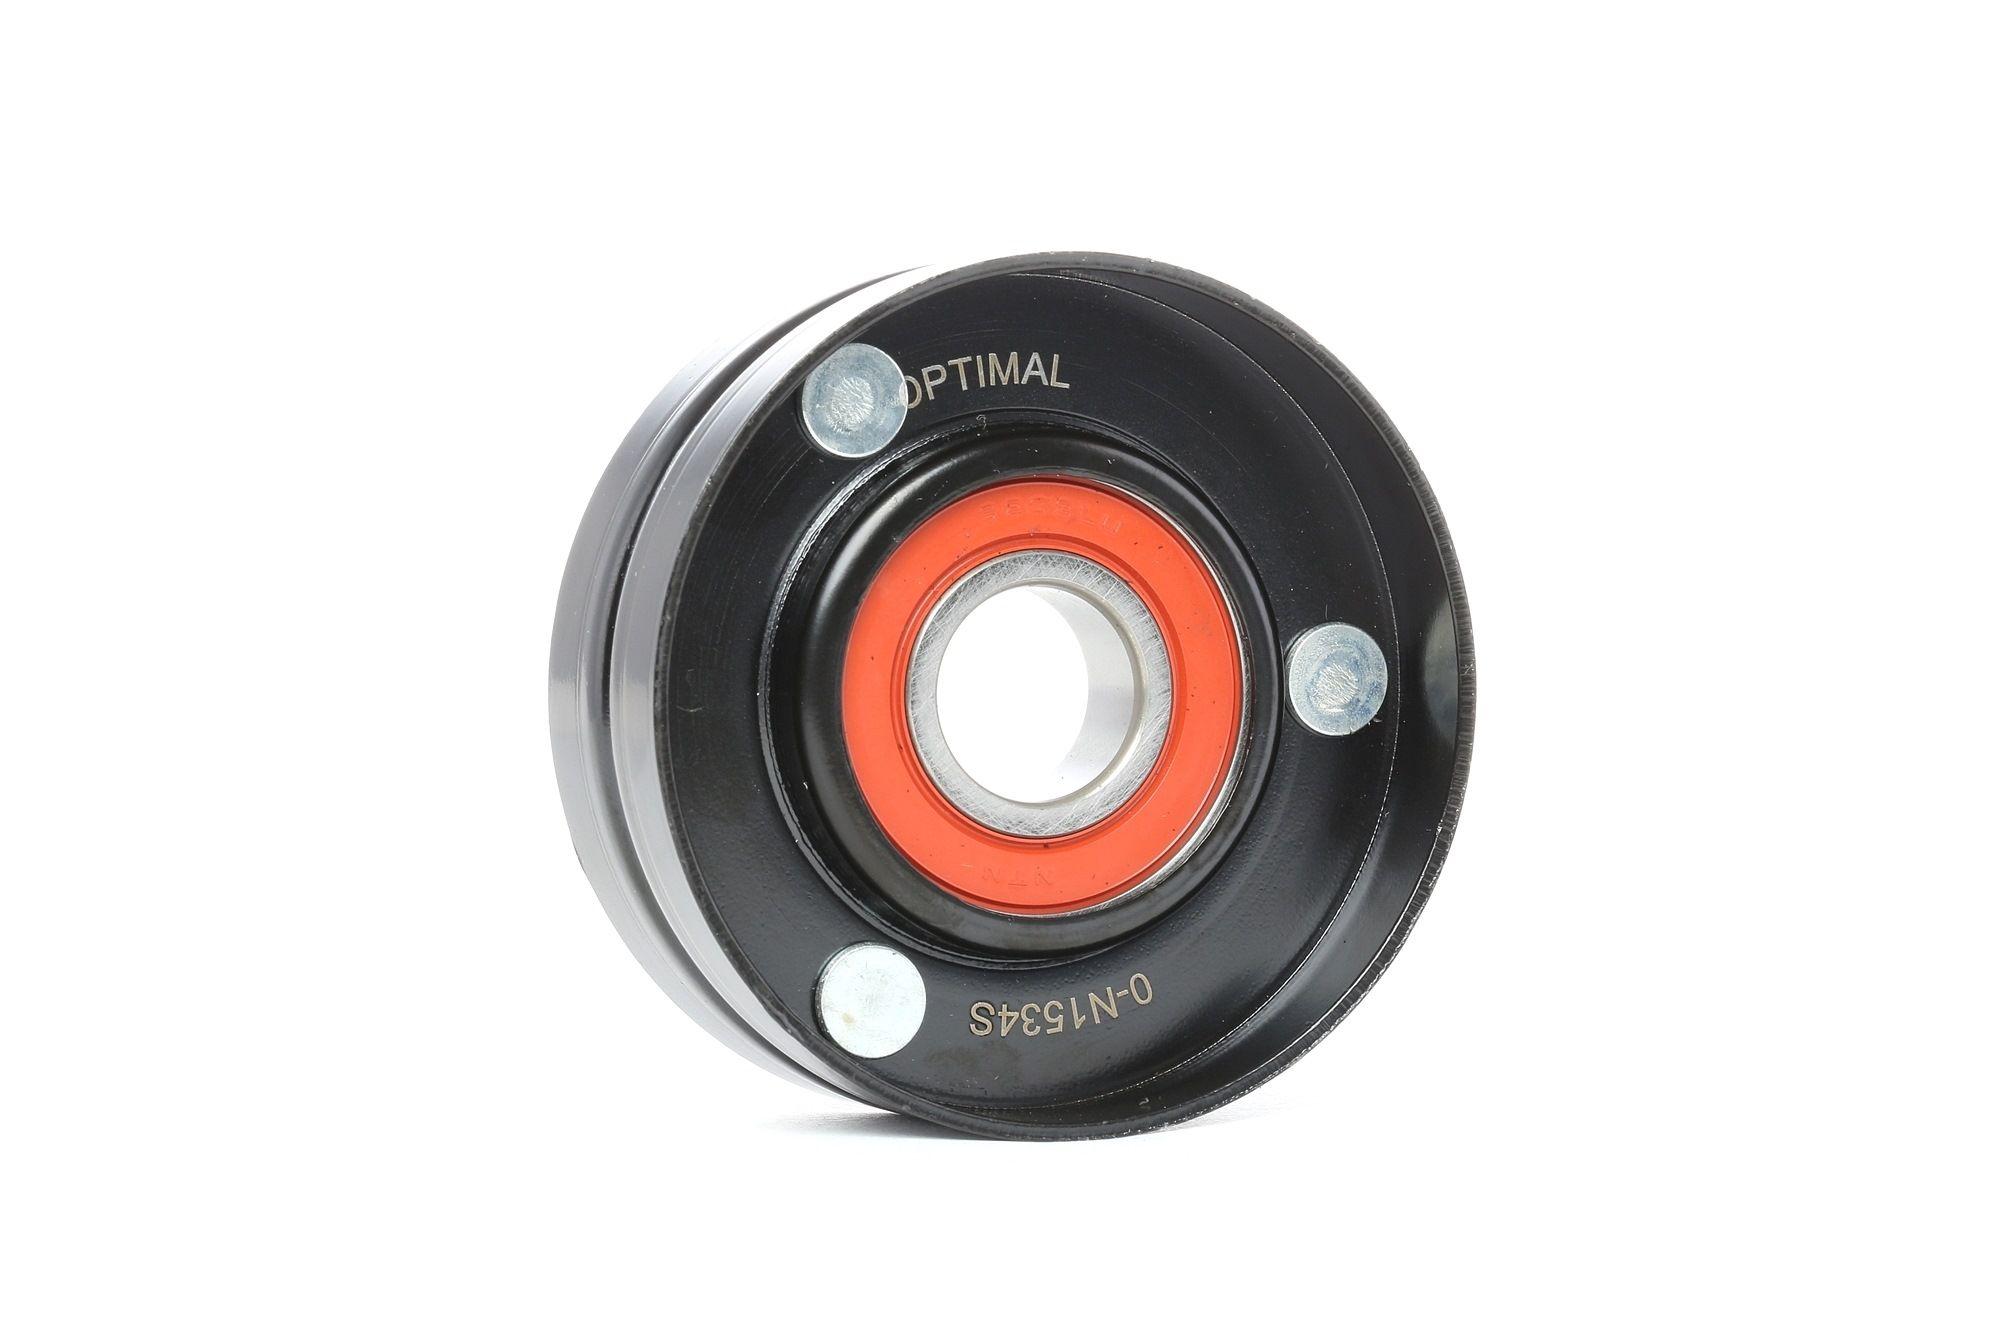 0-N1534S OPTIMAL Ø: 70mm, ohne Halter Breite: 24mm Spannrolle, Keilrippenriemen 0-N1534S günstig kaufen